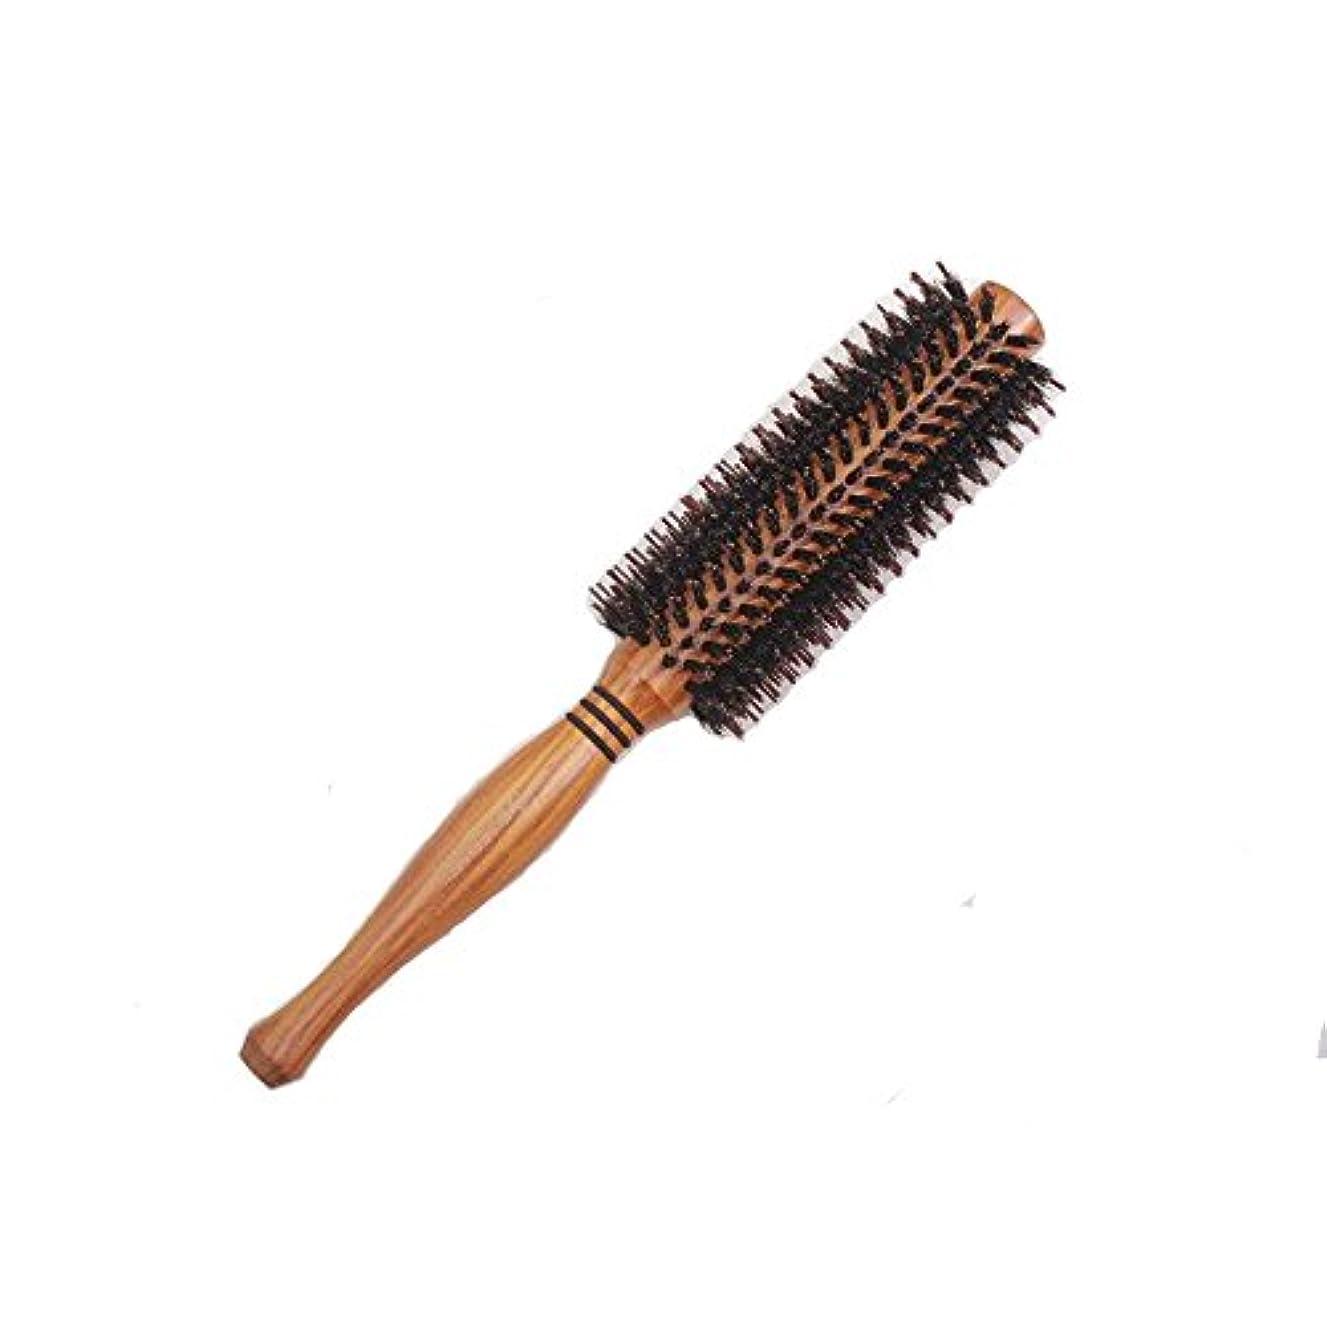 職業趣味ボイド天然ロールブラシ 豚毛 耐熱仕様 ブロー カール 巻き髪 ヘア ブラシ ロール